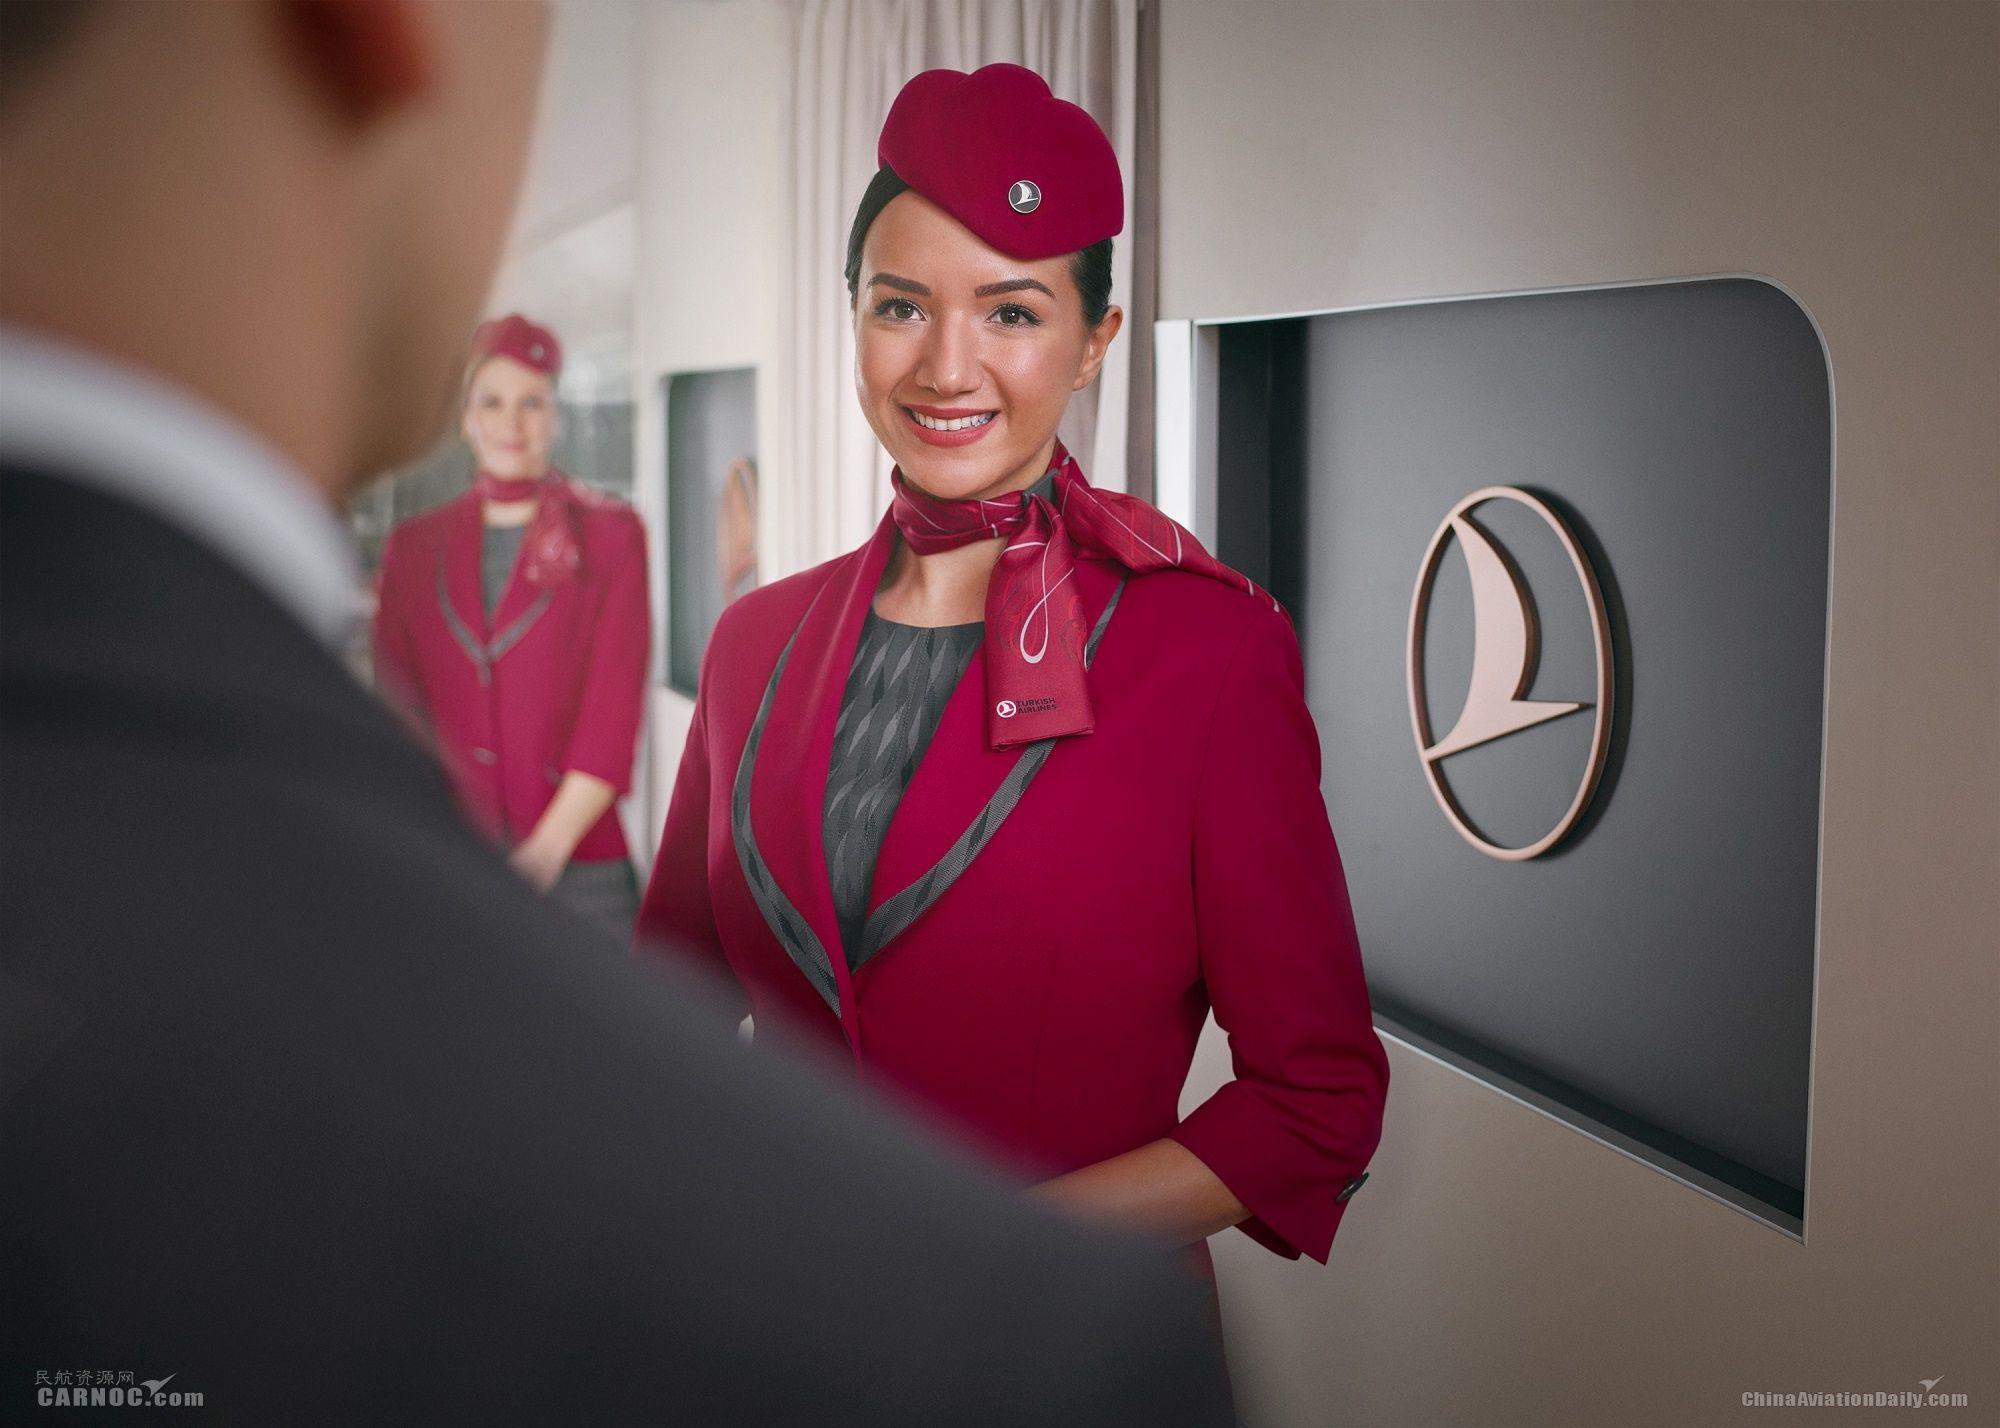 土耳其航空机组换装新制服